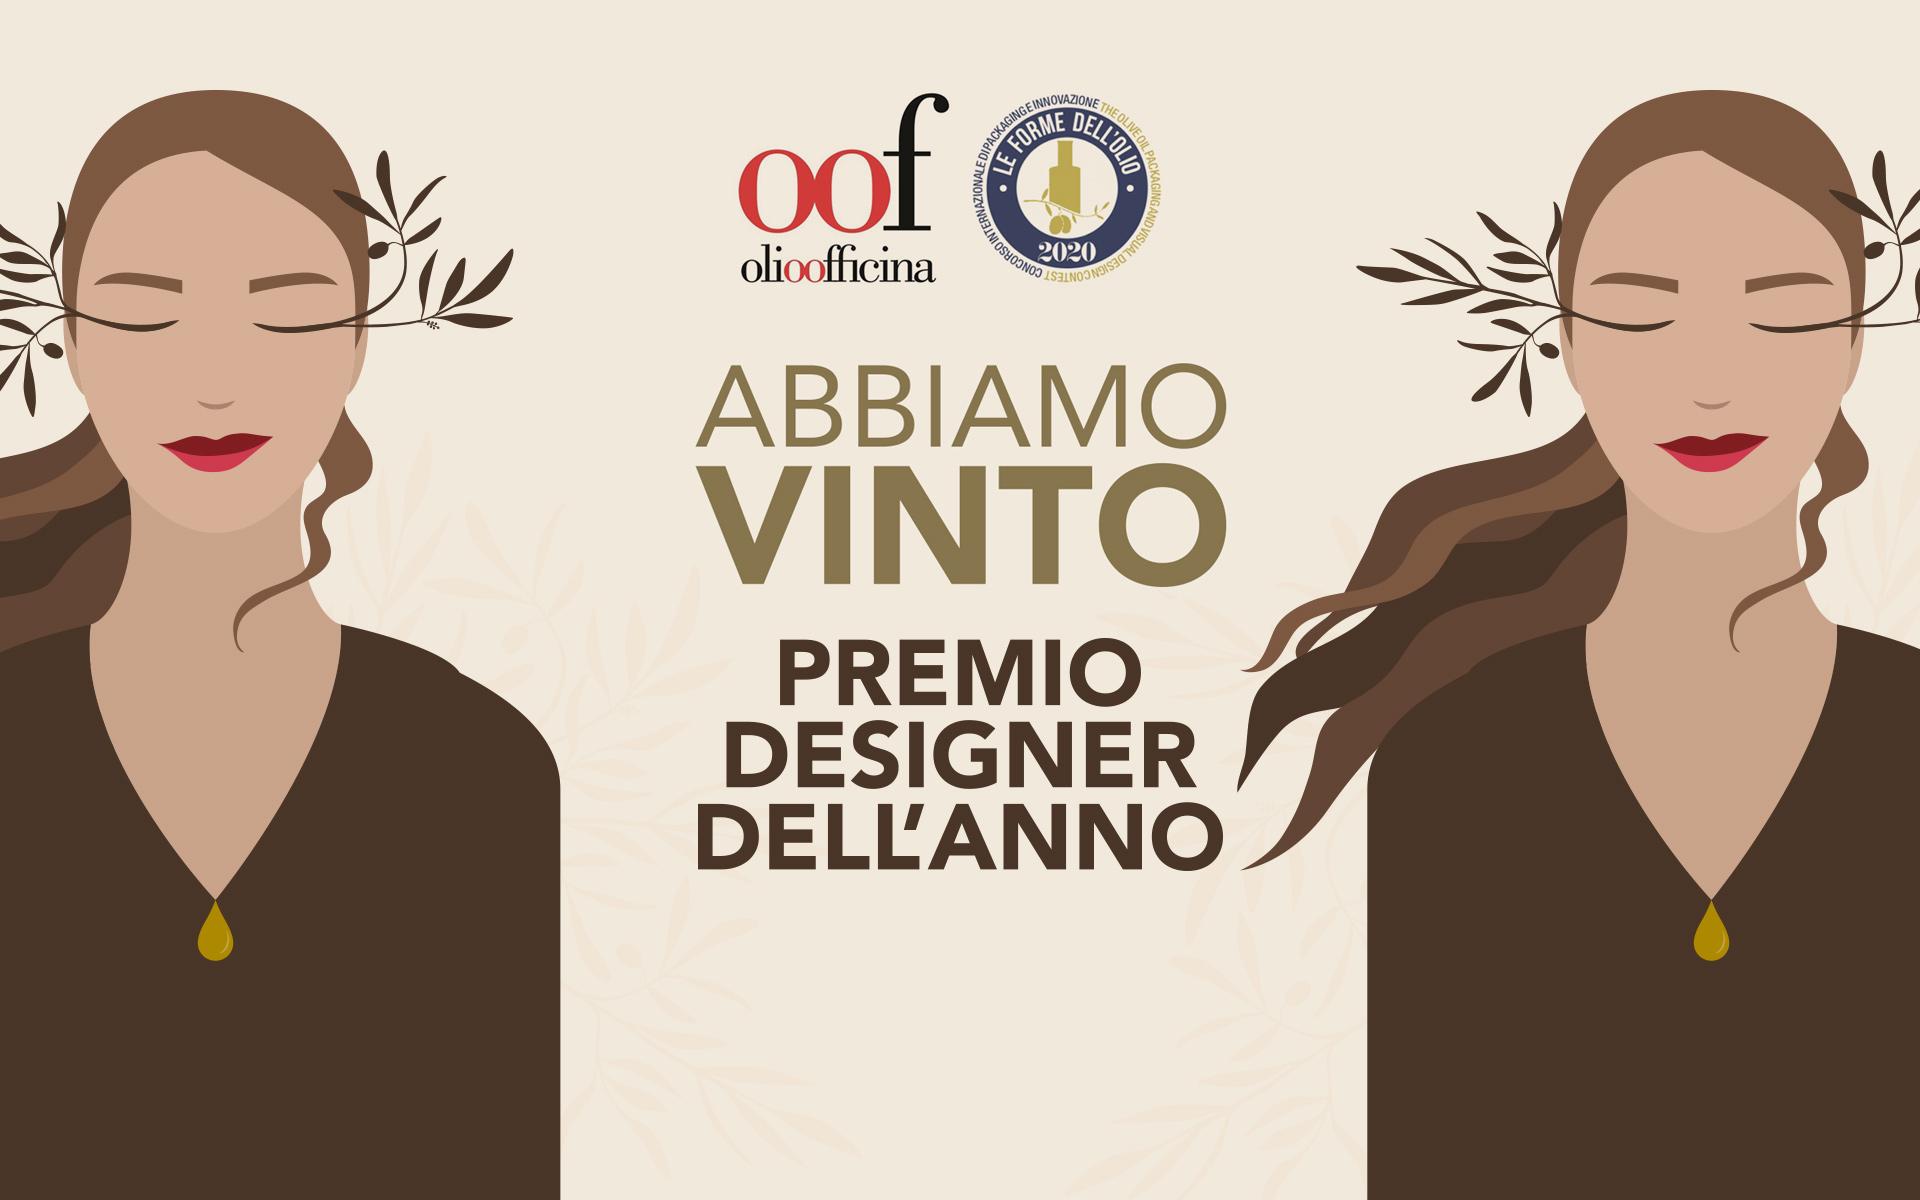 PREMIO DESIGNER DELL'ANNO